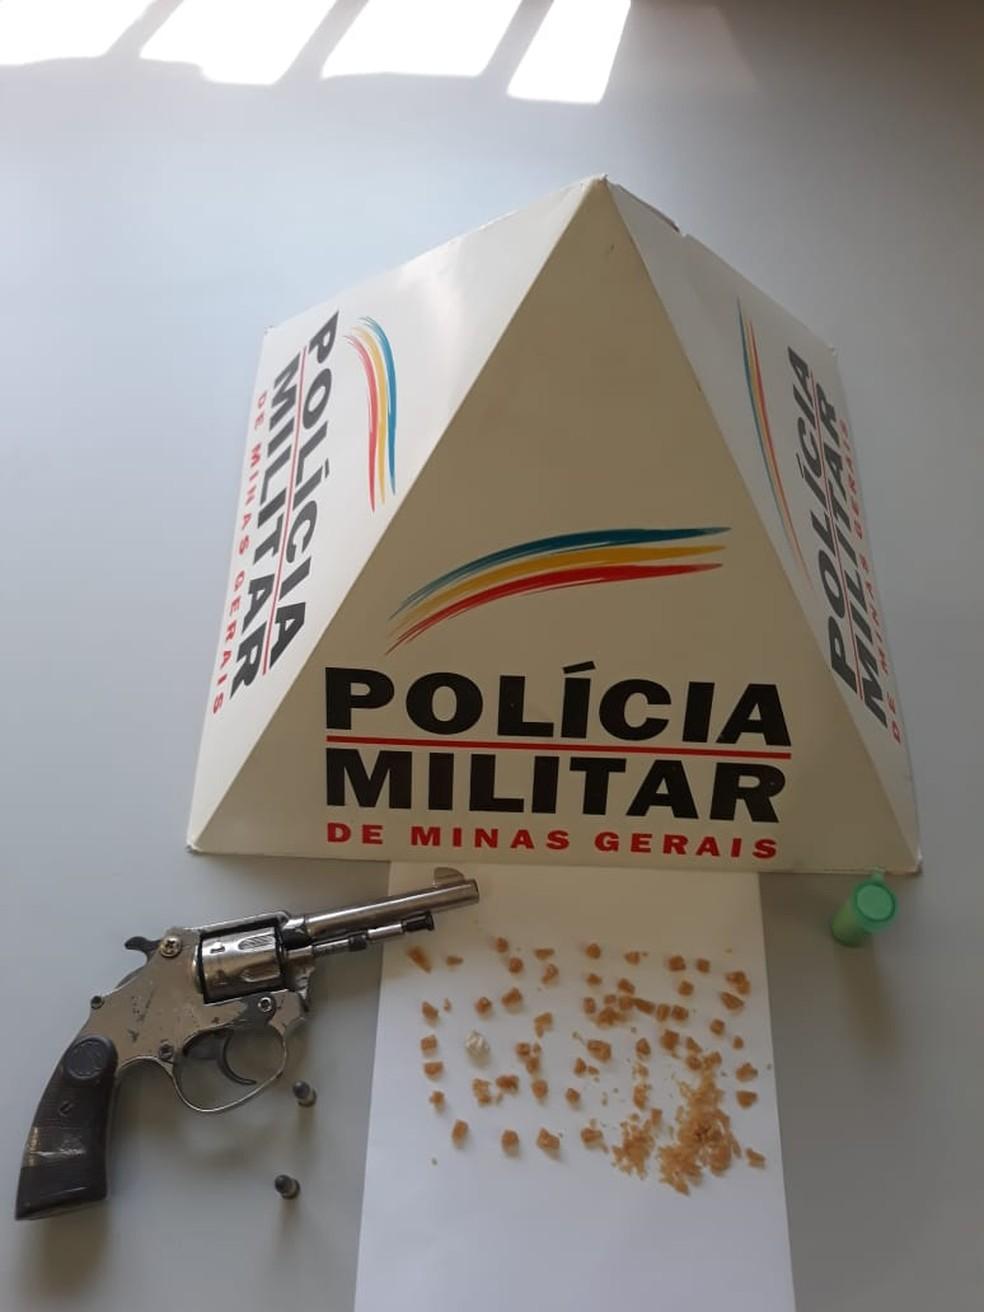 Material apreendido estava dentro de uma bolsa — Foto: Polícia Militar/Divulgação